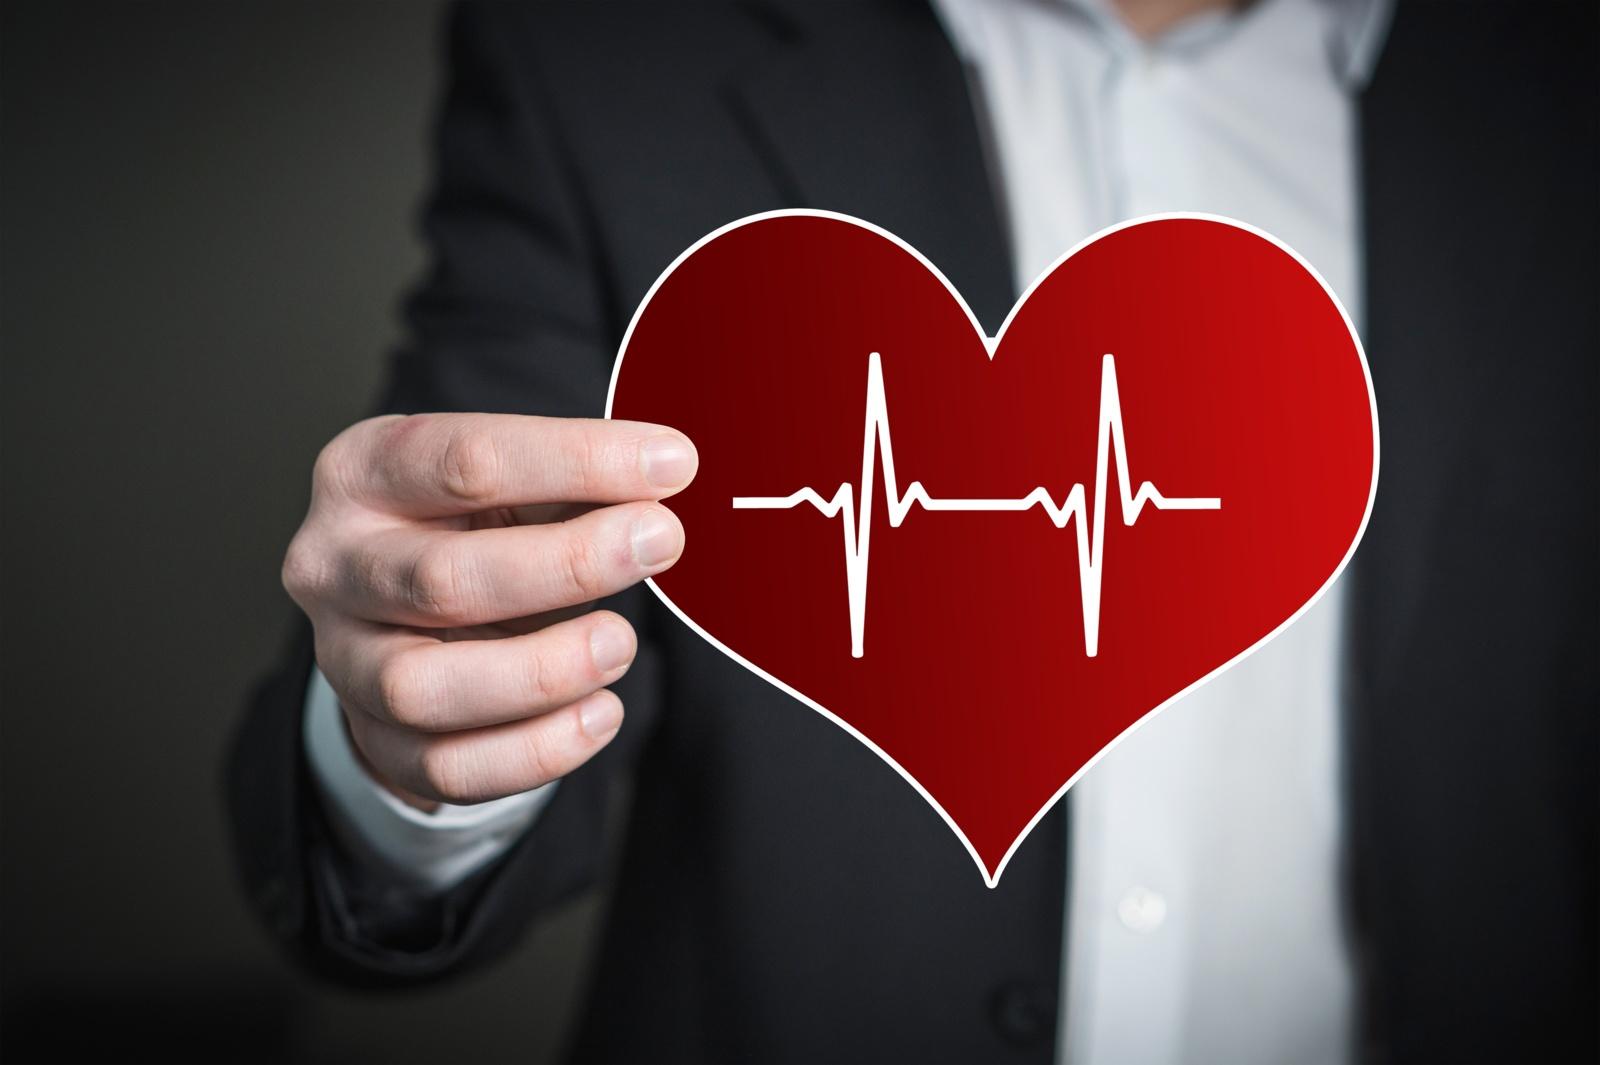 kaip gydyti hipertenzija sergančias kraujagysles kai diagnozuojama 3 laipsnio hipertenzija